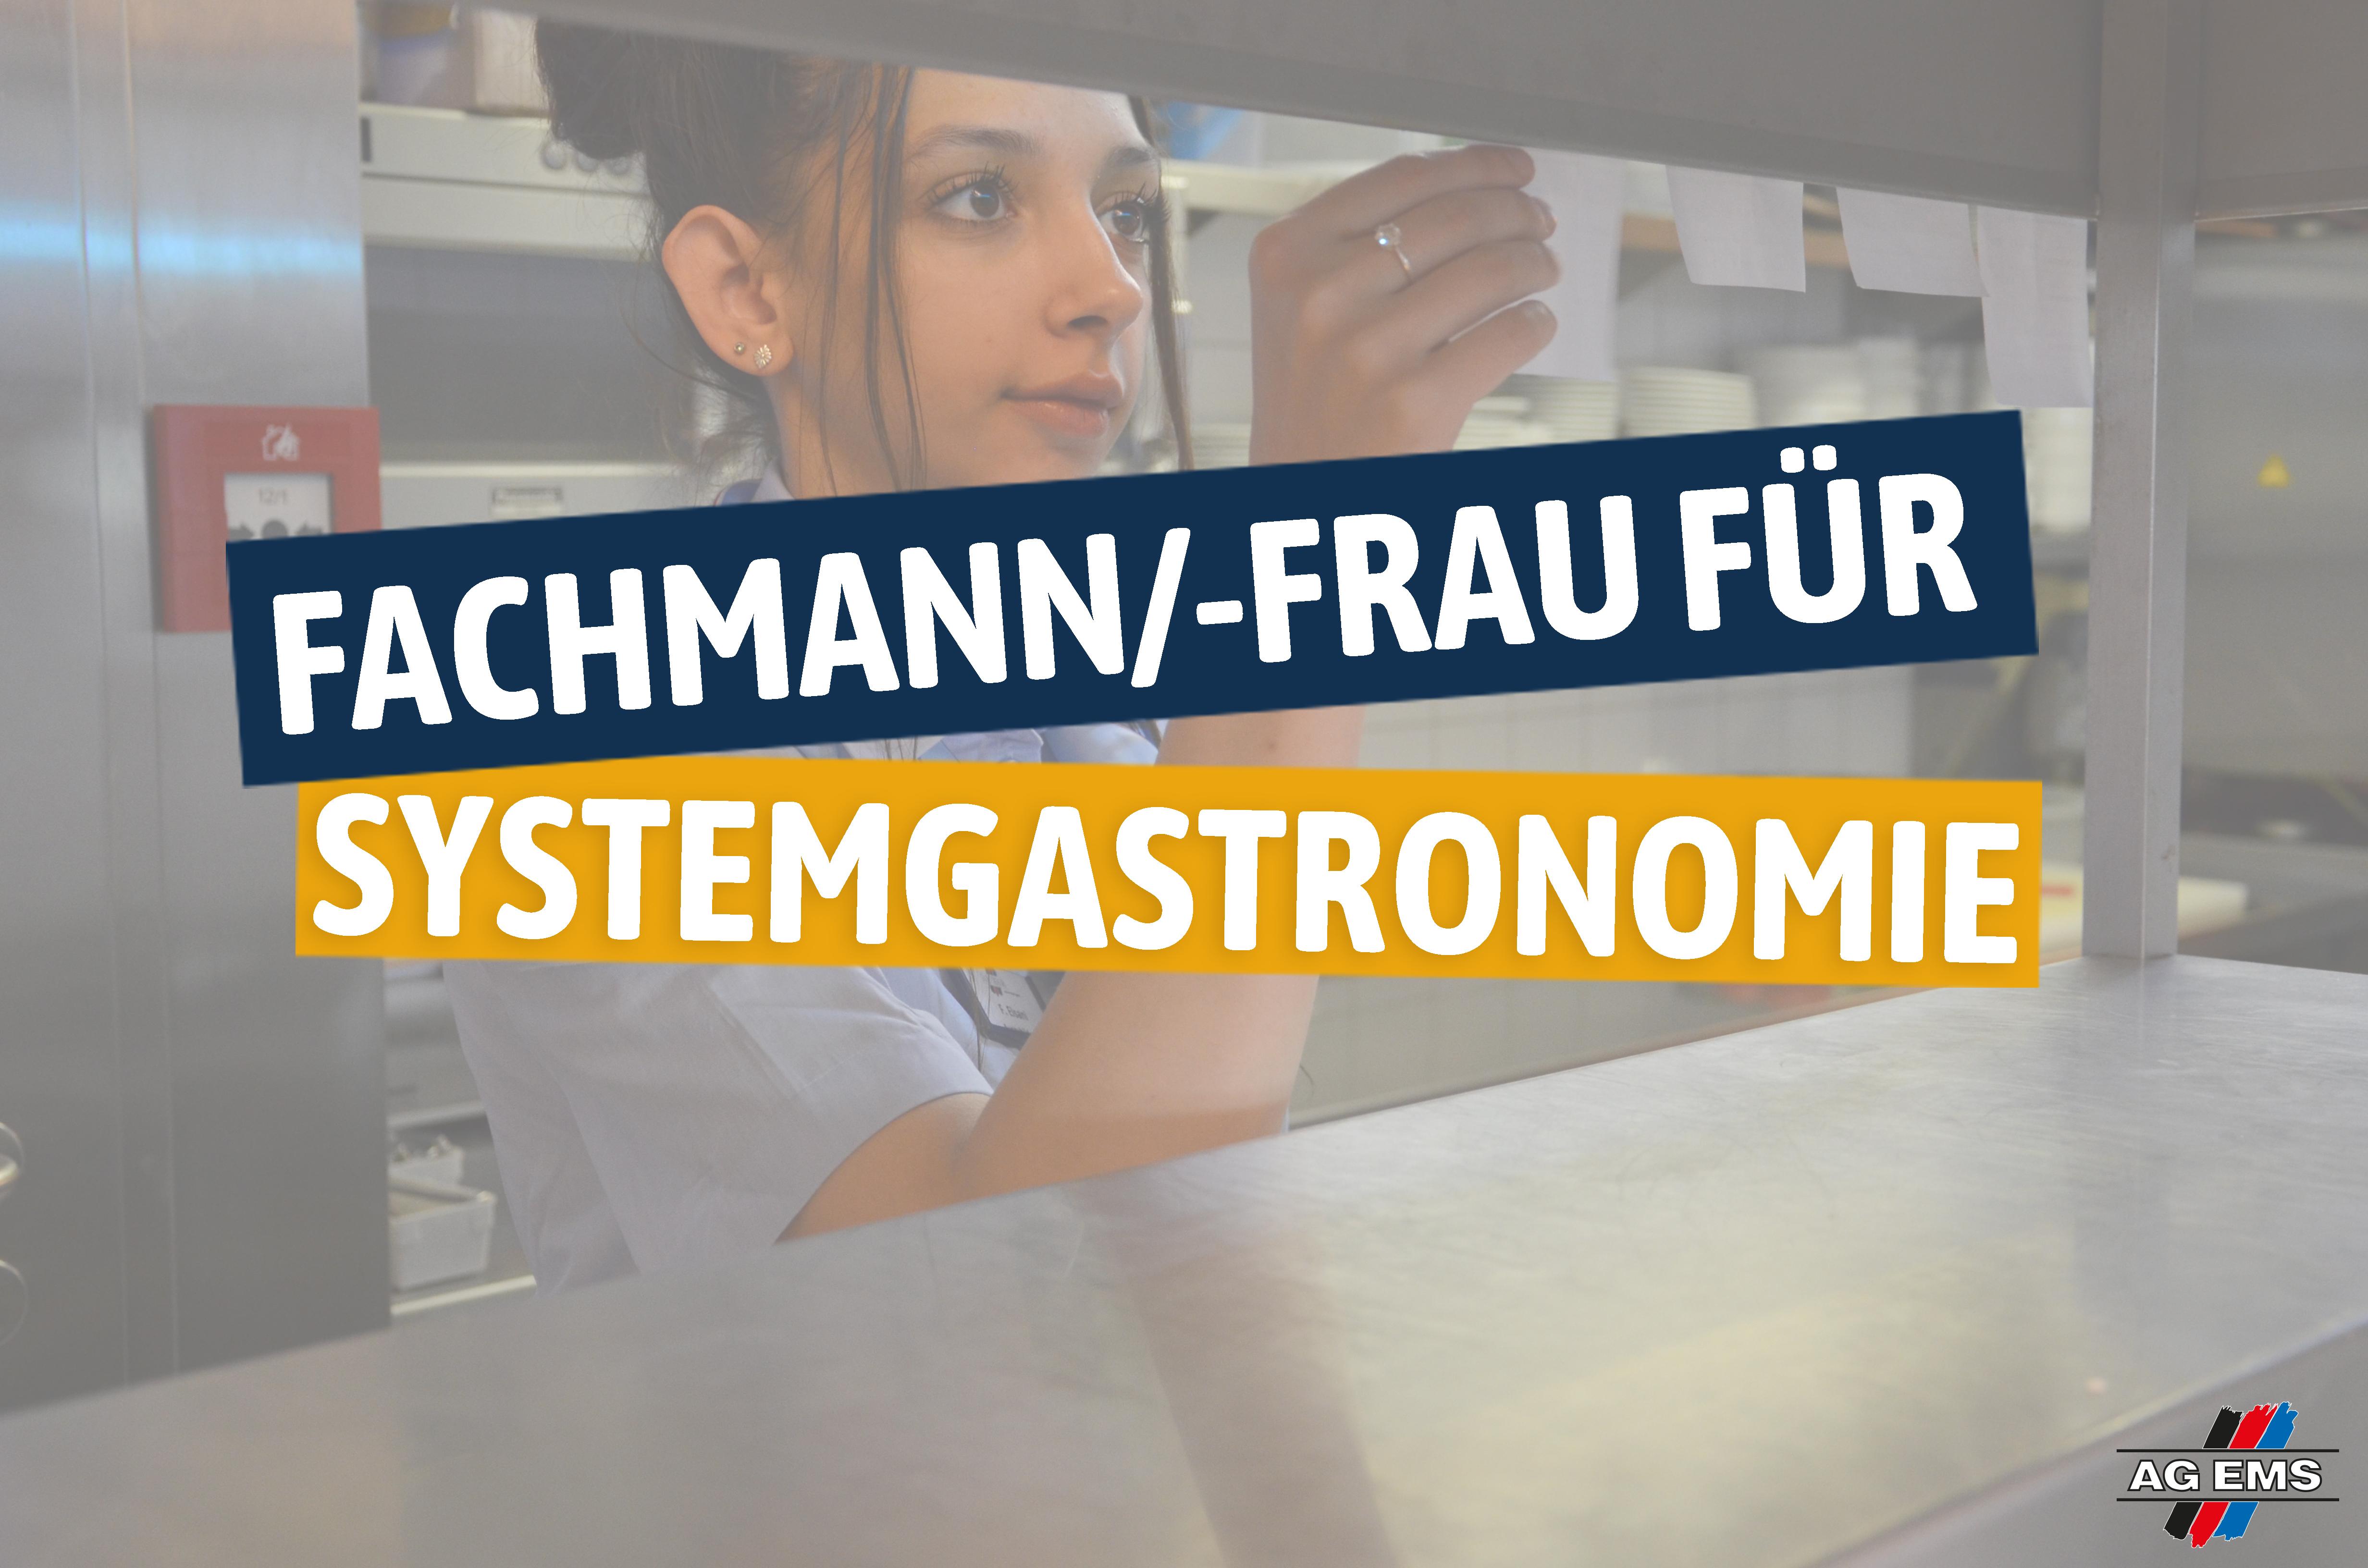 Systemgastronomie.jpg – AG